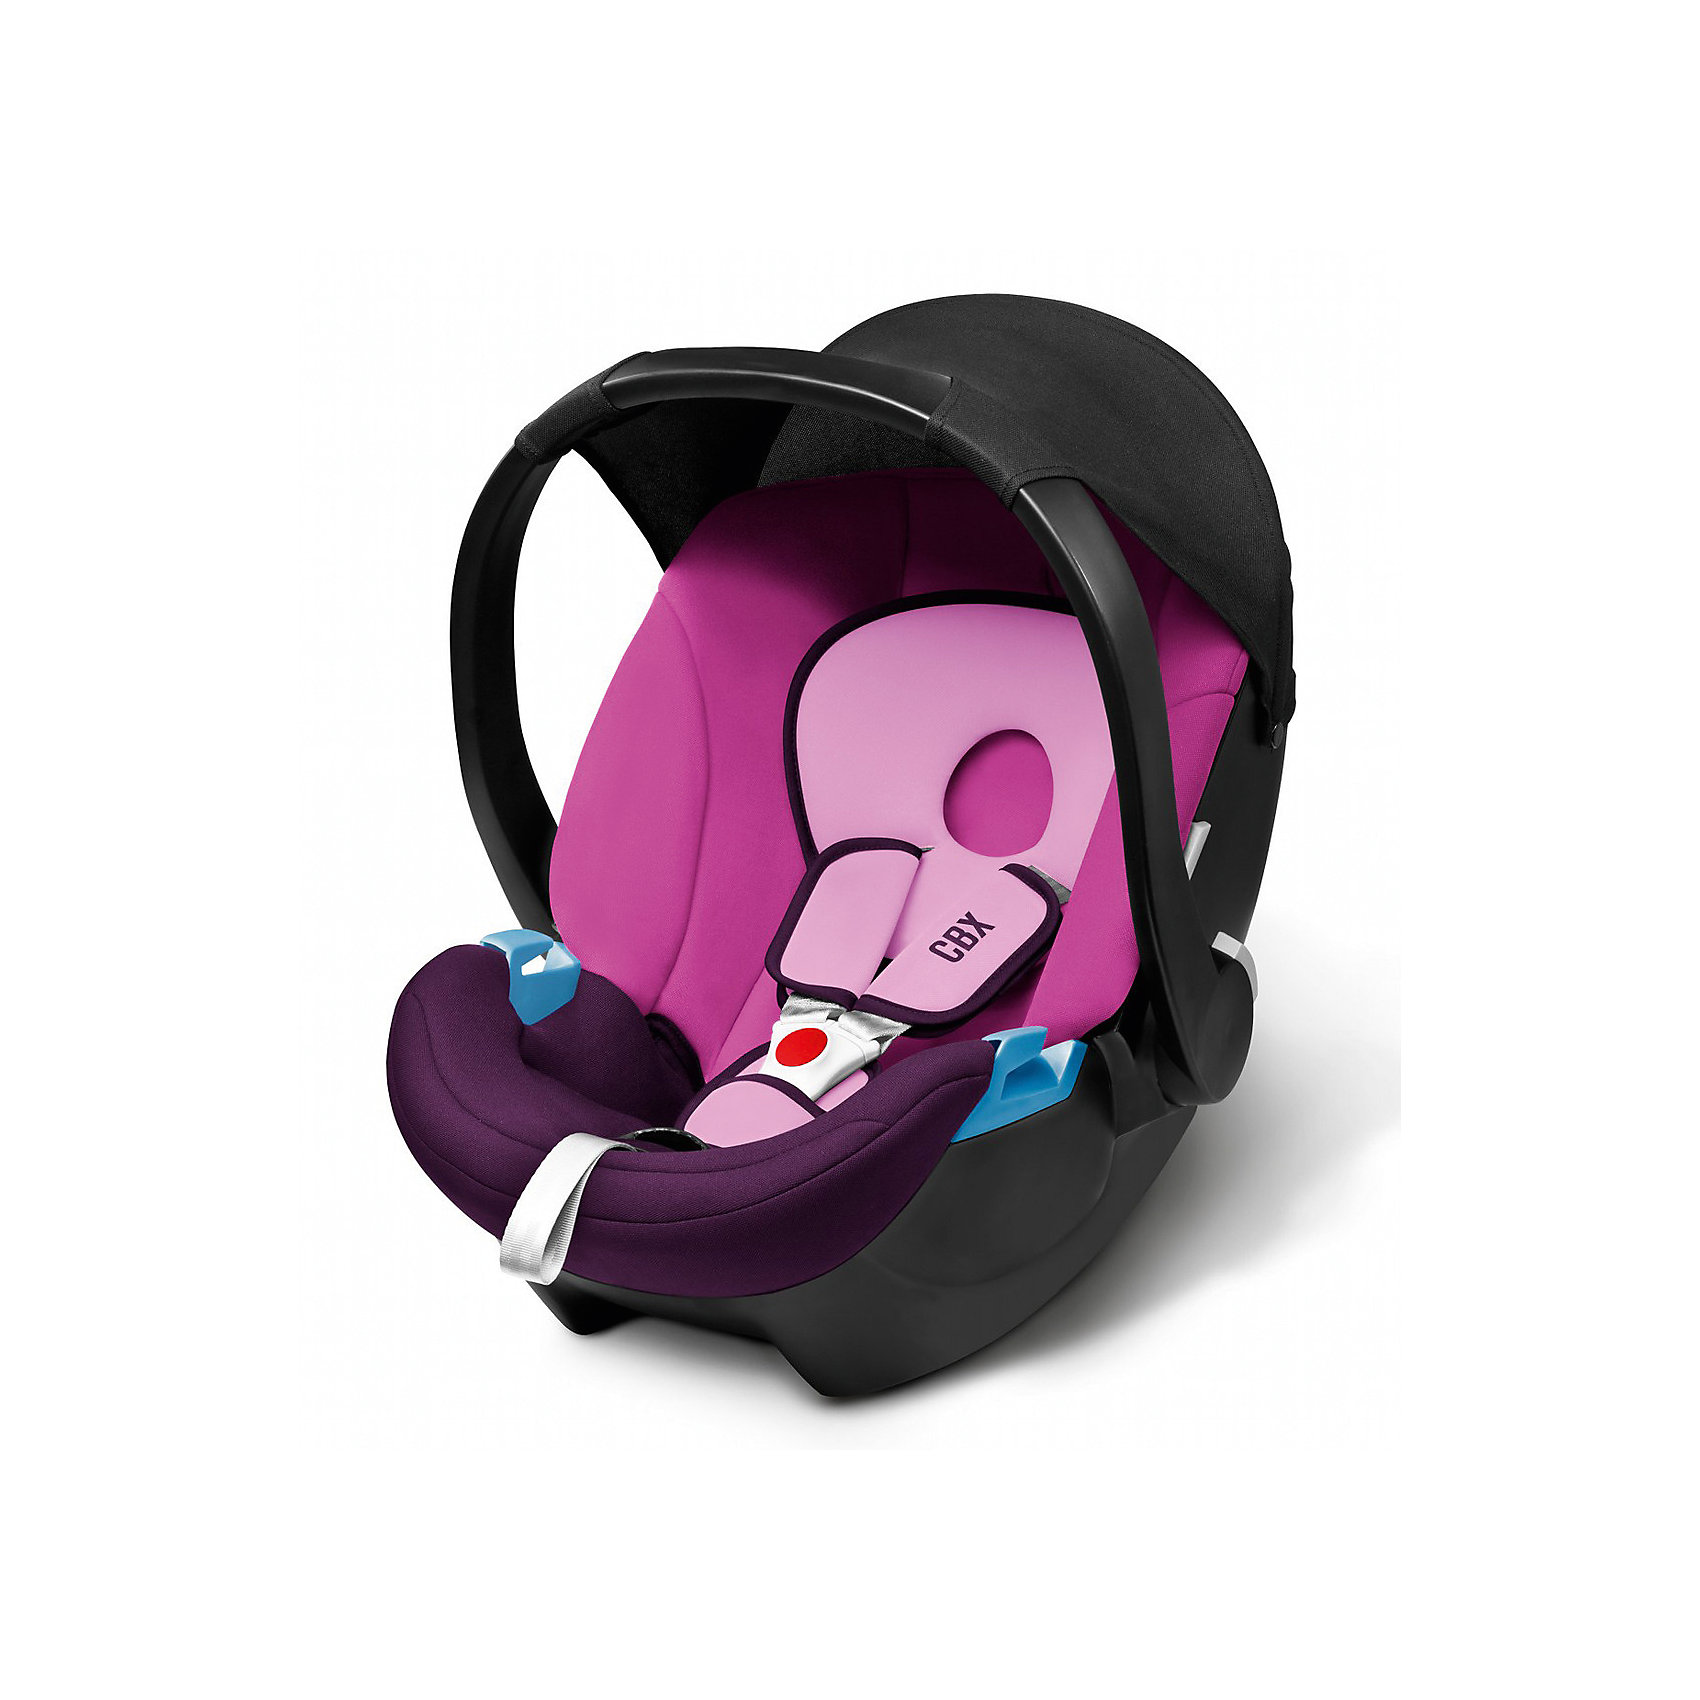 Автокресло CBX by Cybex Aton Basic , 0-13 кг, фиолетовыйГруппа 0+ (До 13 кг)<br>Легкое, комфортное ипросторное автокресло для самых маленьких сулучшенной, развитой боковой защитой. Солнцезащитный козырек защищает ребенка отпрямых солнечных лучей. Трехточечные ремни безопасности с мягкими накладками комфортно и надежно удержат малыша. Возможна установка нашасси колясок Cybex спомощью специальных адаптеров. Изогнутое основание позволяет укачивать малыша. Ручка для переноски имеет три положения. Обивка выполнена изгипоаллергенных тканей, легко снимаются для деликатной стирки. <br><br>Дополнительная информация:<br><br>- Материал: пластик, текстиль.<br>- Размер: 63х47х56 см.<br>- Вес кресла: 2,9 кг.<br>- Трехточечные ремни безопасности.<br>- Установка в автомобиле: против движения.<br>- Три положения ручки для переноски.<br>- Съемная обивка ( стирка при 30? ).<br>- Максимальный вес ребенка: 13 кг.<br>- Изогнутое основание.<br>- Солнцезащитный козырек.<br>- Цвет: фиолетовый.<br><br>Автокресло Aton Basic , 0-13 кг, CBX by Cybex (Сайбекс), фиолетовое можно купить в нашем магазине.<br><br>Ширина мм: 530<br>Глубина мм: 450<br>Высота мм: 700<br>Вес г: 8600<br>Возраст от месяцев: 0<br>Возраст до месяцев: 12<br>Пол: Женский<br>Возраст: Детский<br>SKU: 4009843